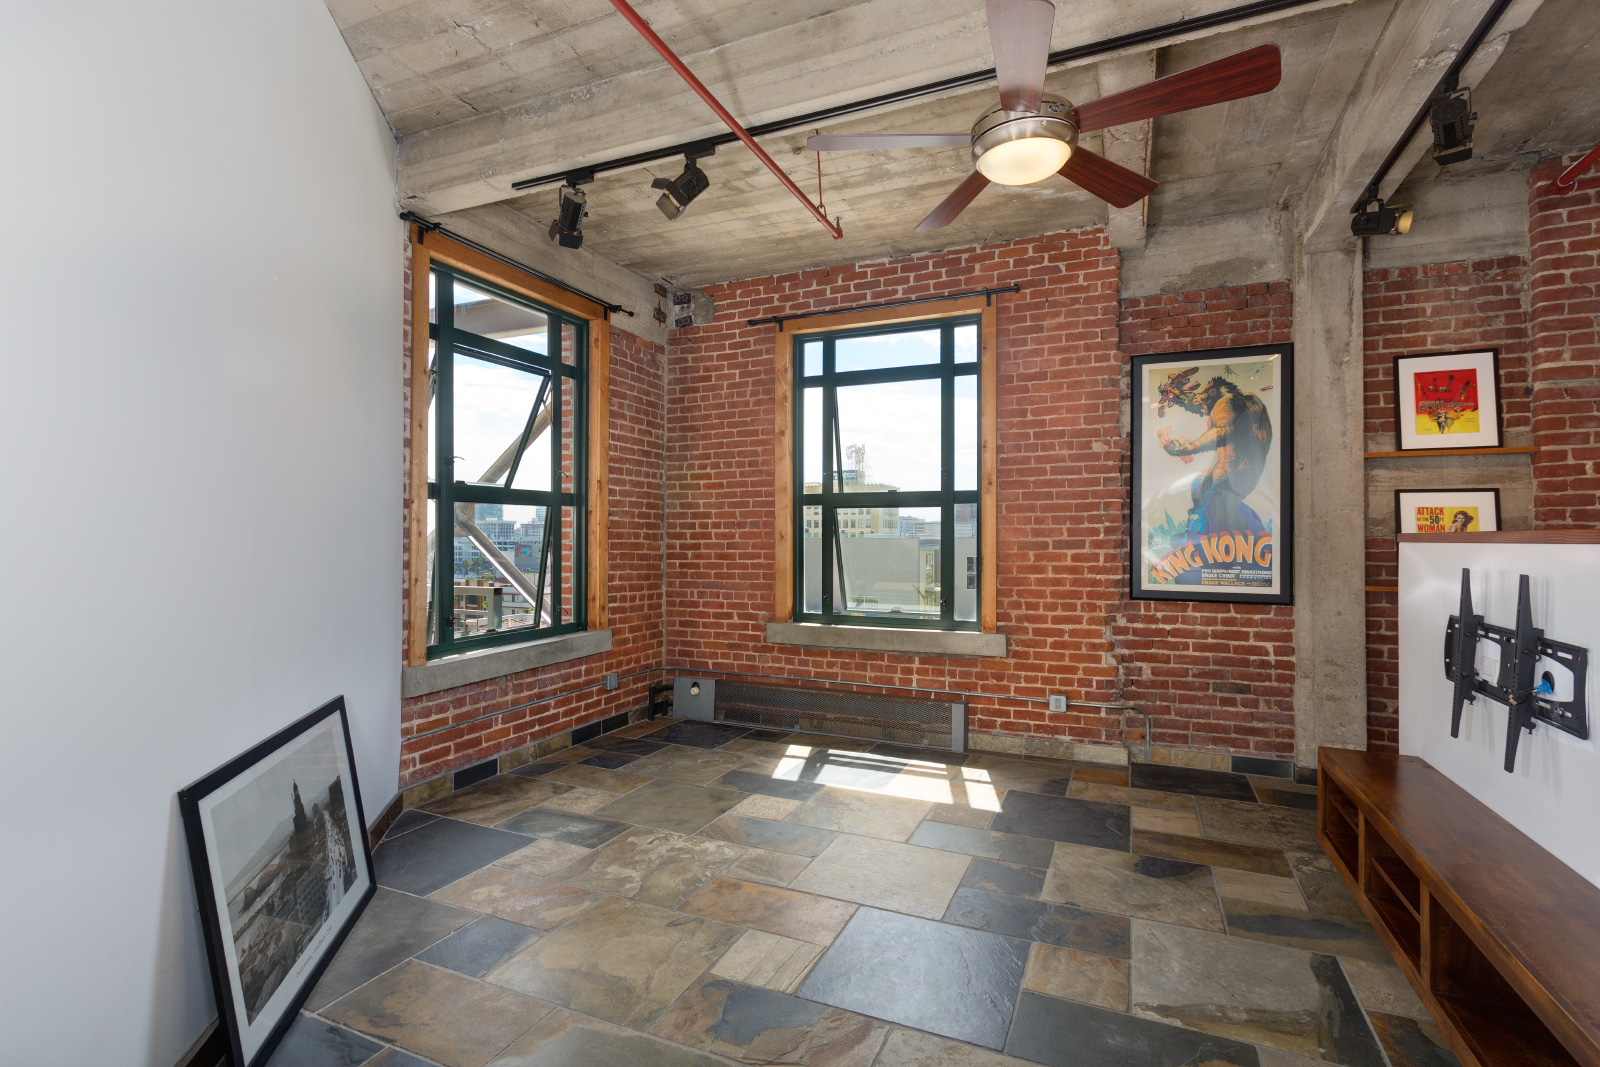 living-room_9712729144_o.jpg